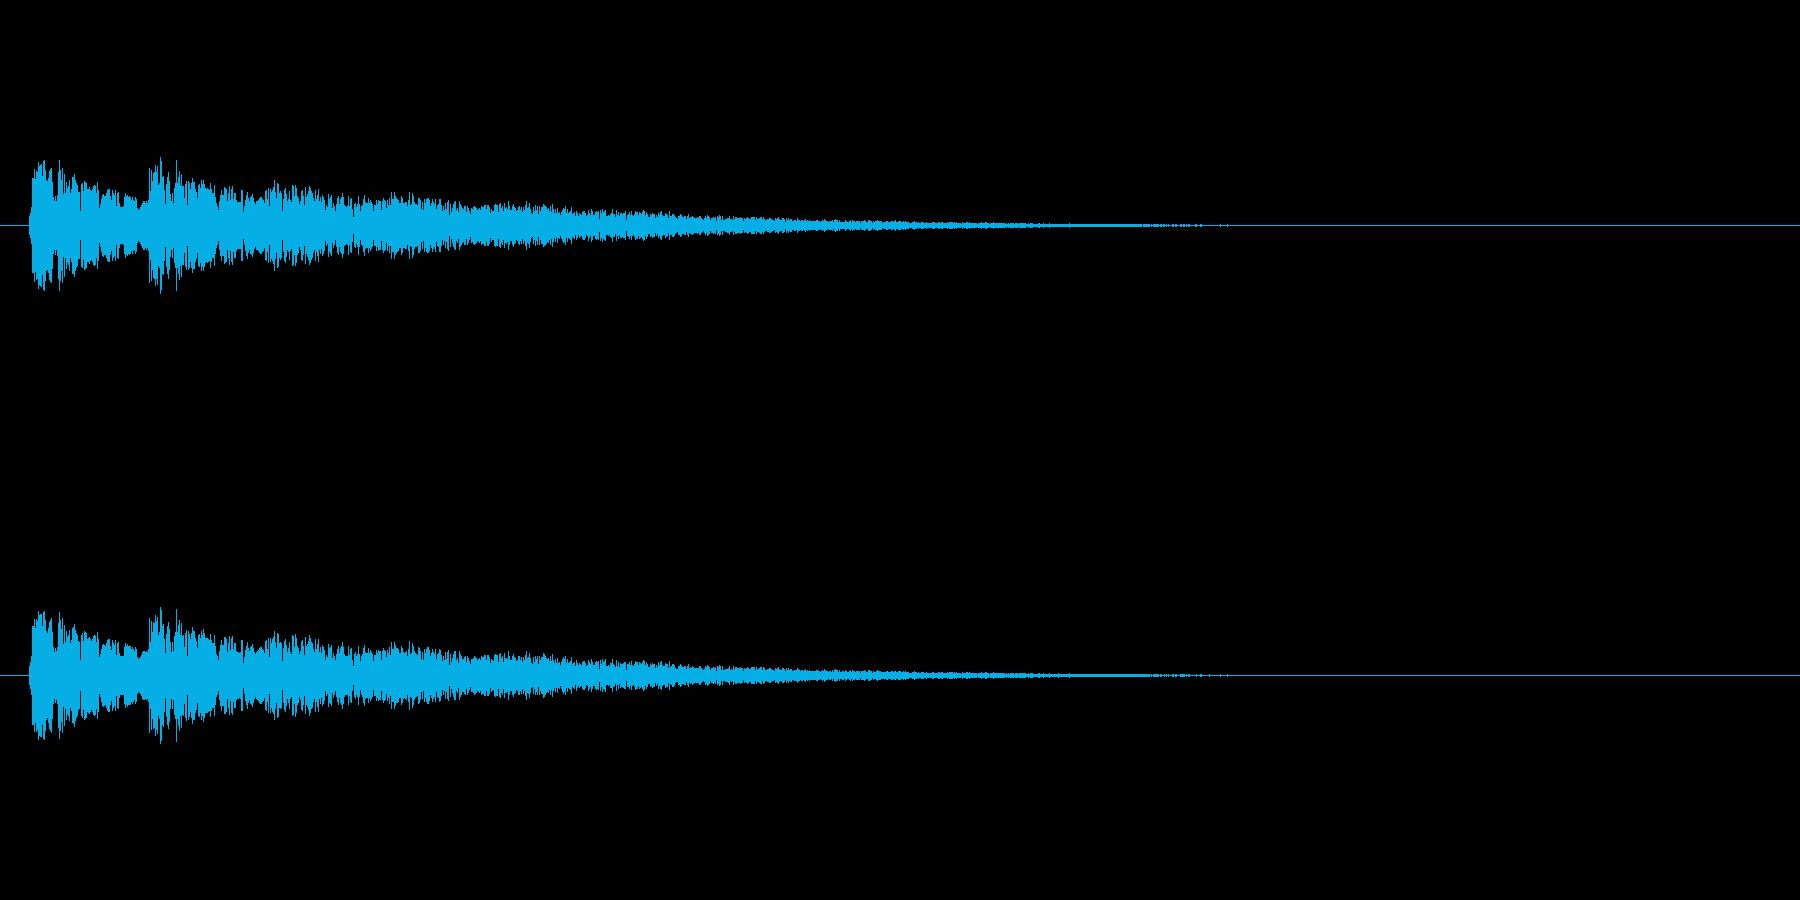 【ネガティブ07-5】の再生済みの波形